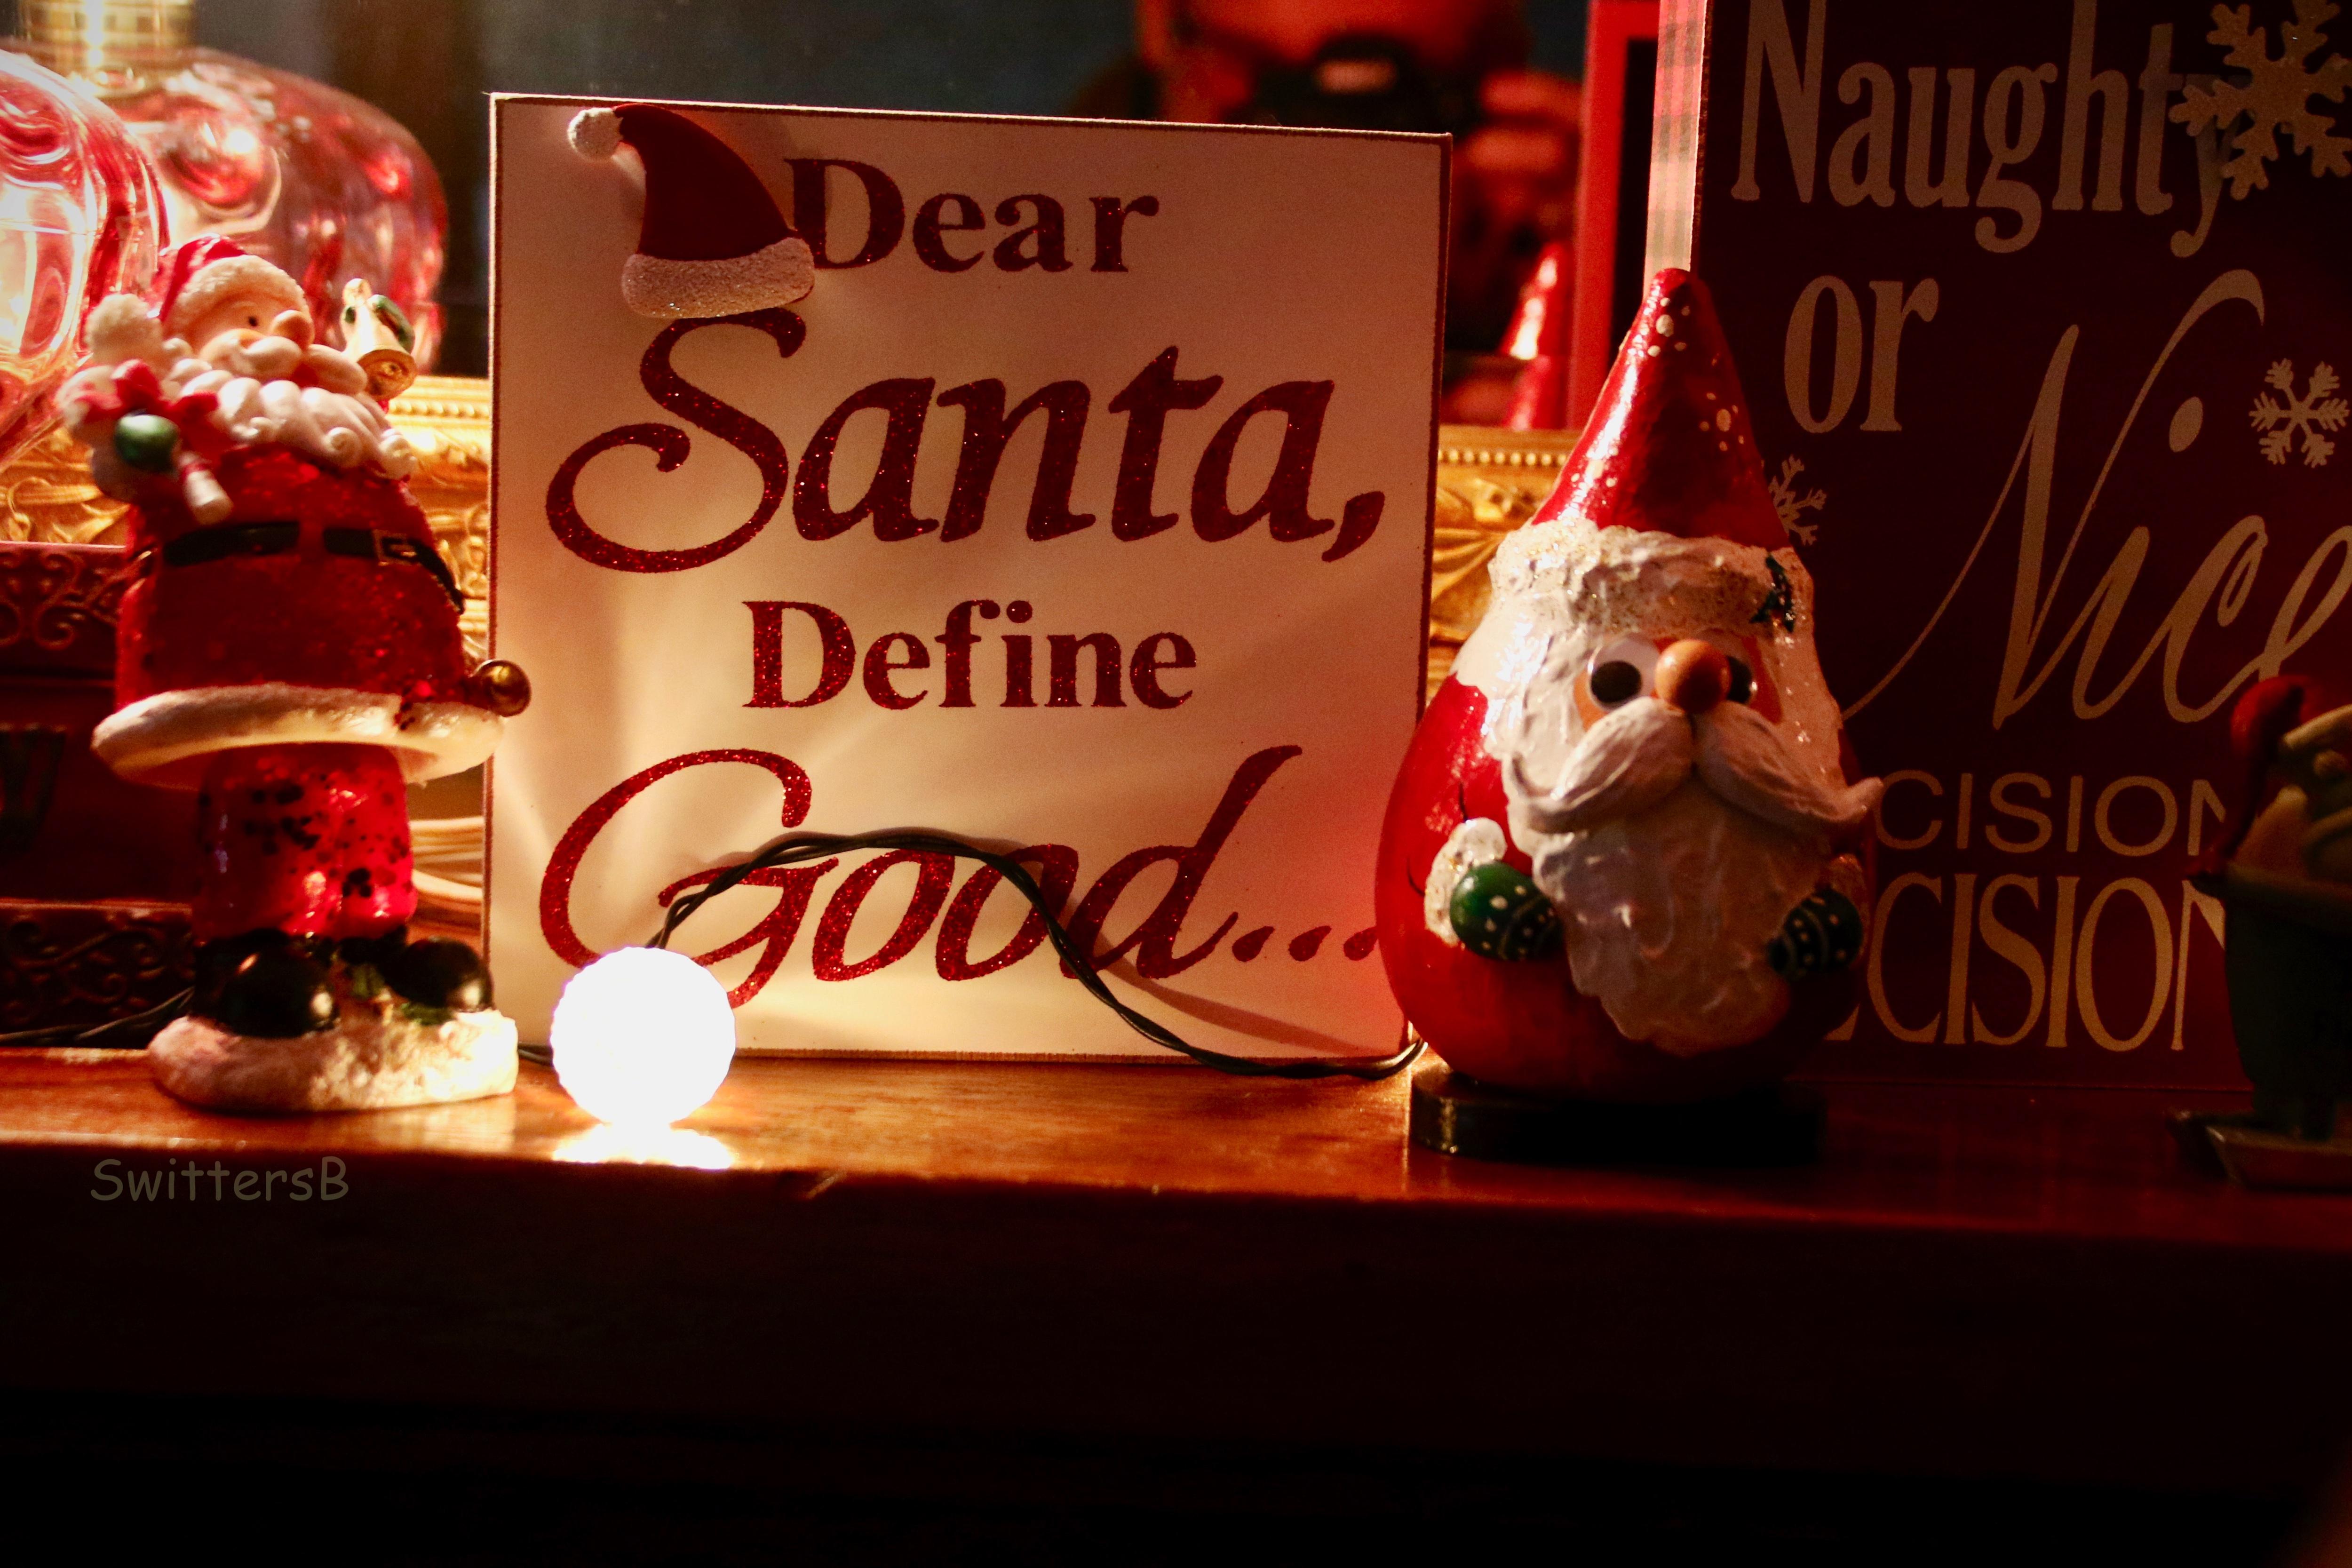 Christmas-Mantle-Define Good-SwittersB